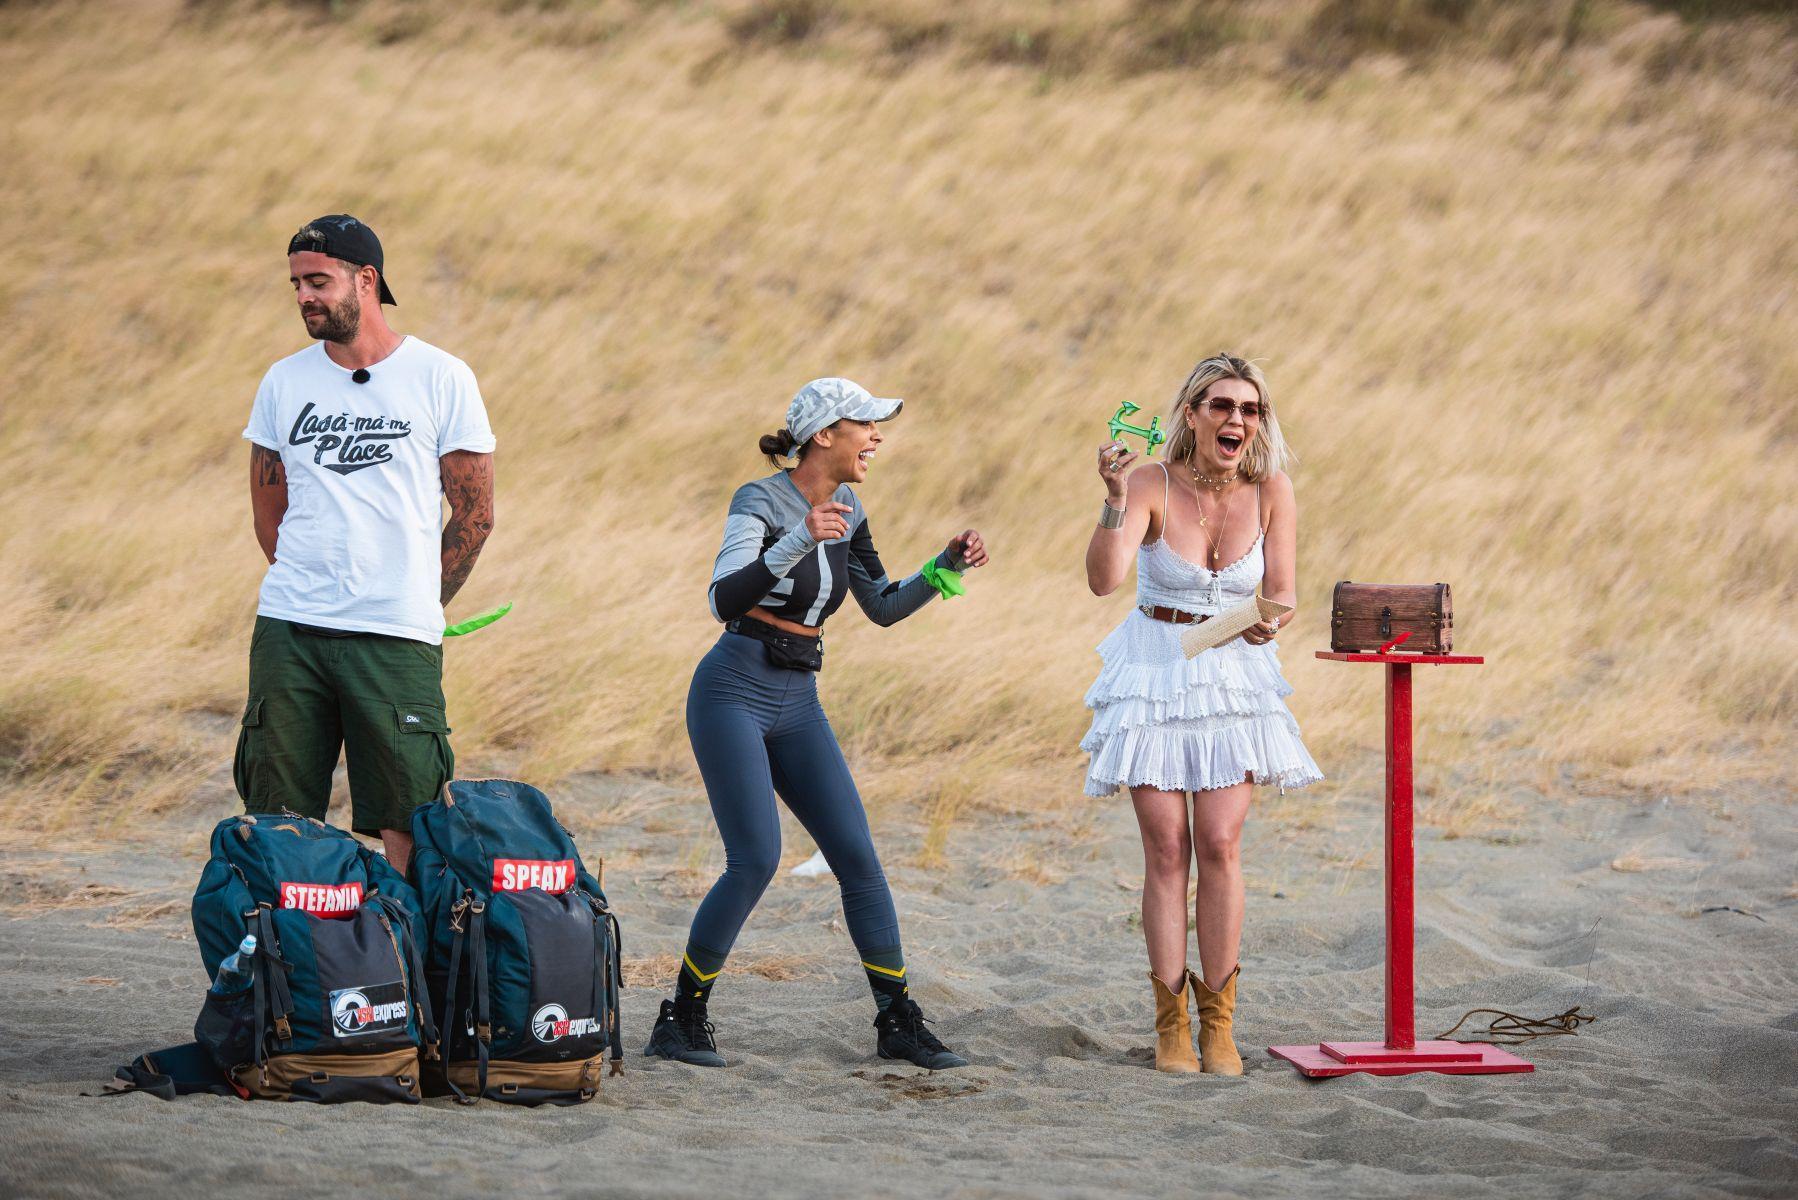 Speak și Ștefania, salvați de ancora verde, după ce au pierdut cursa pentru ultima șansă, în Asia Express, sezonul 3